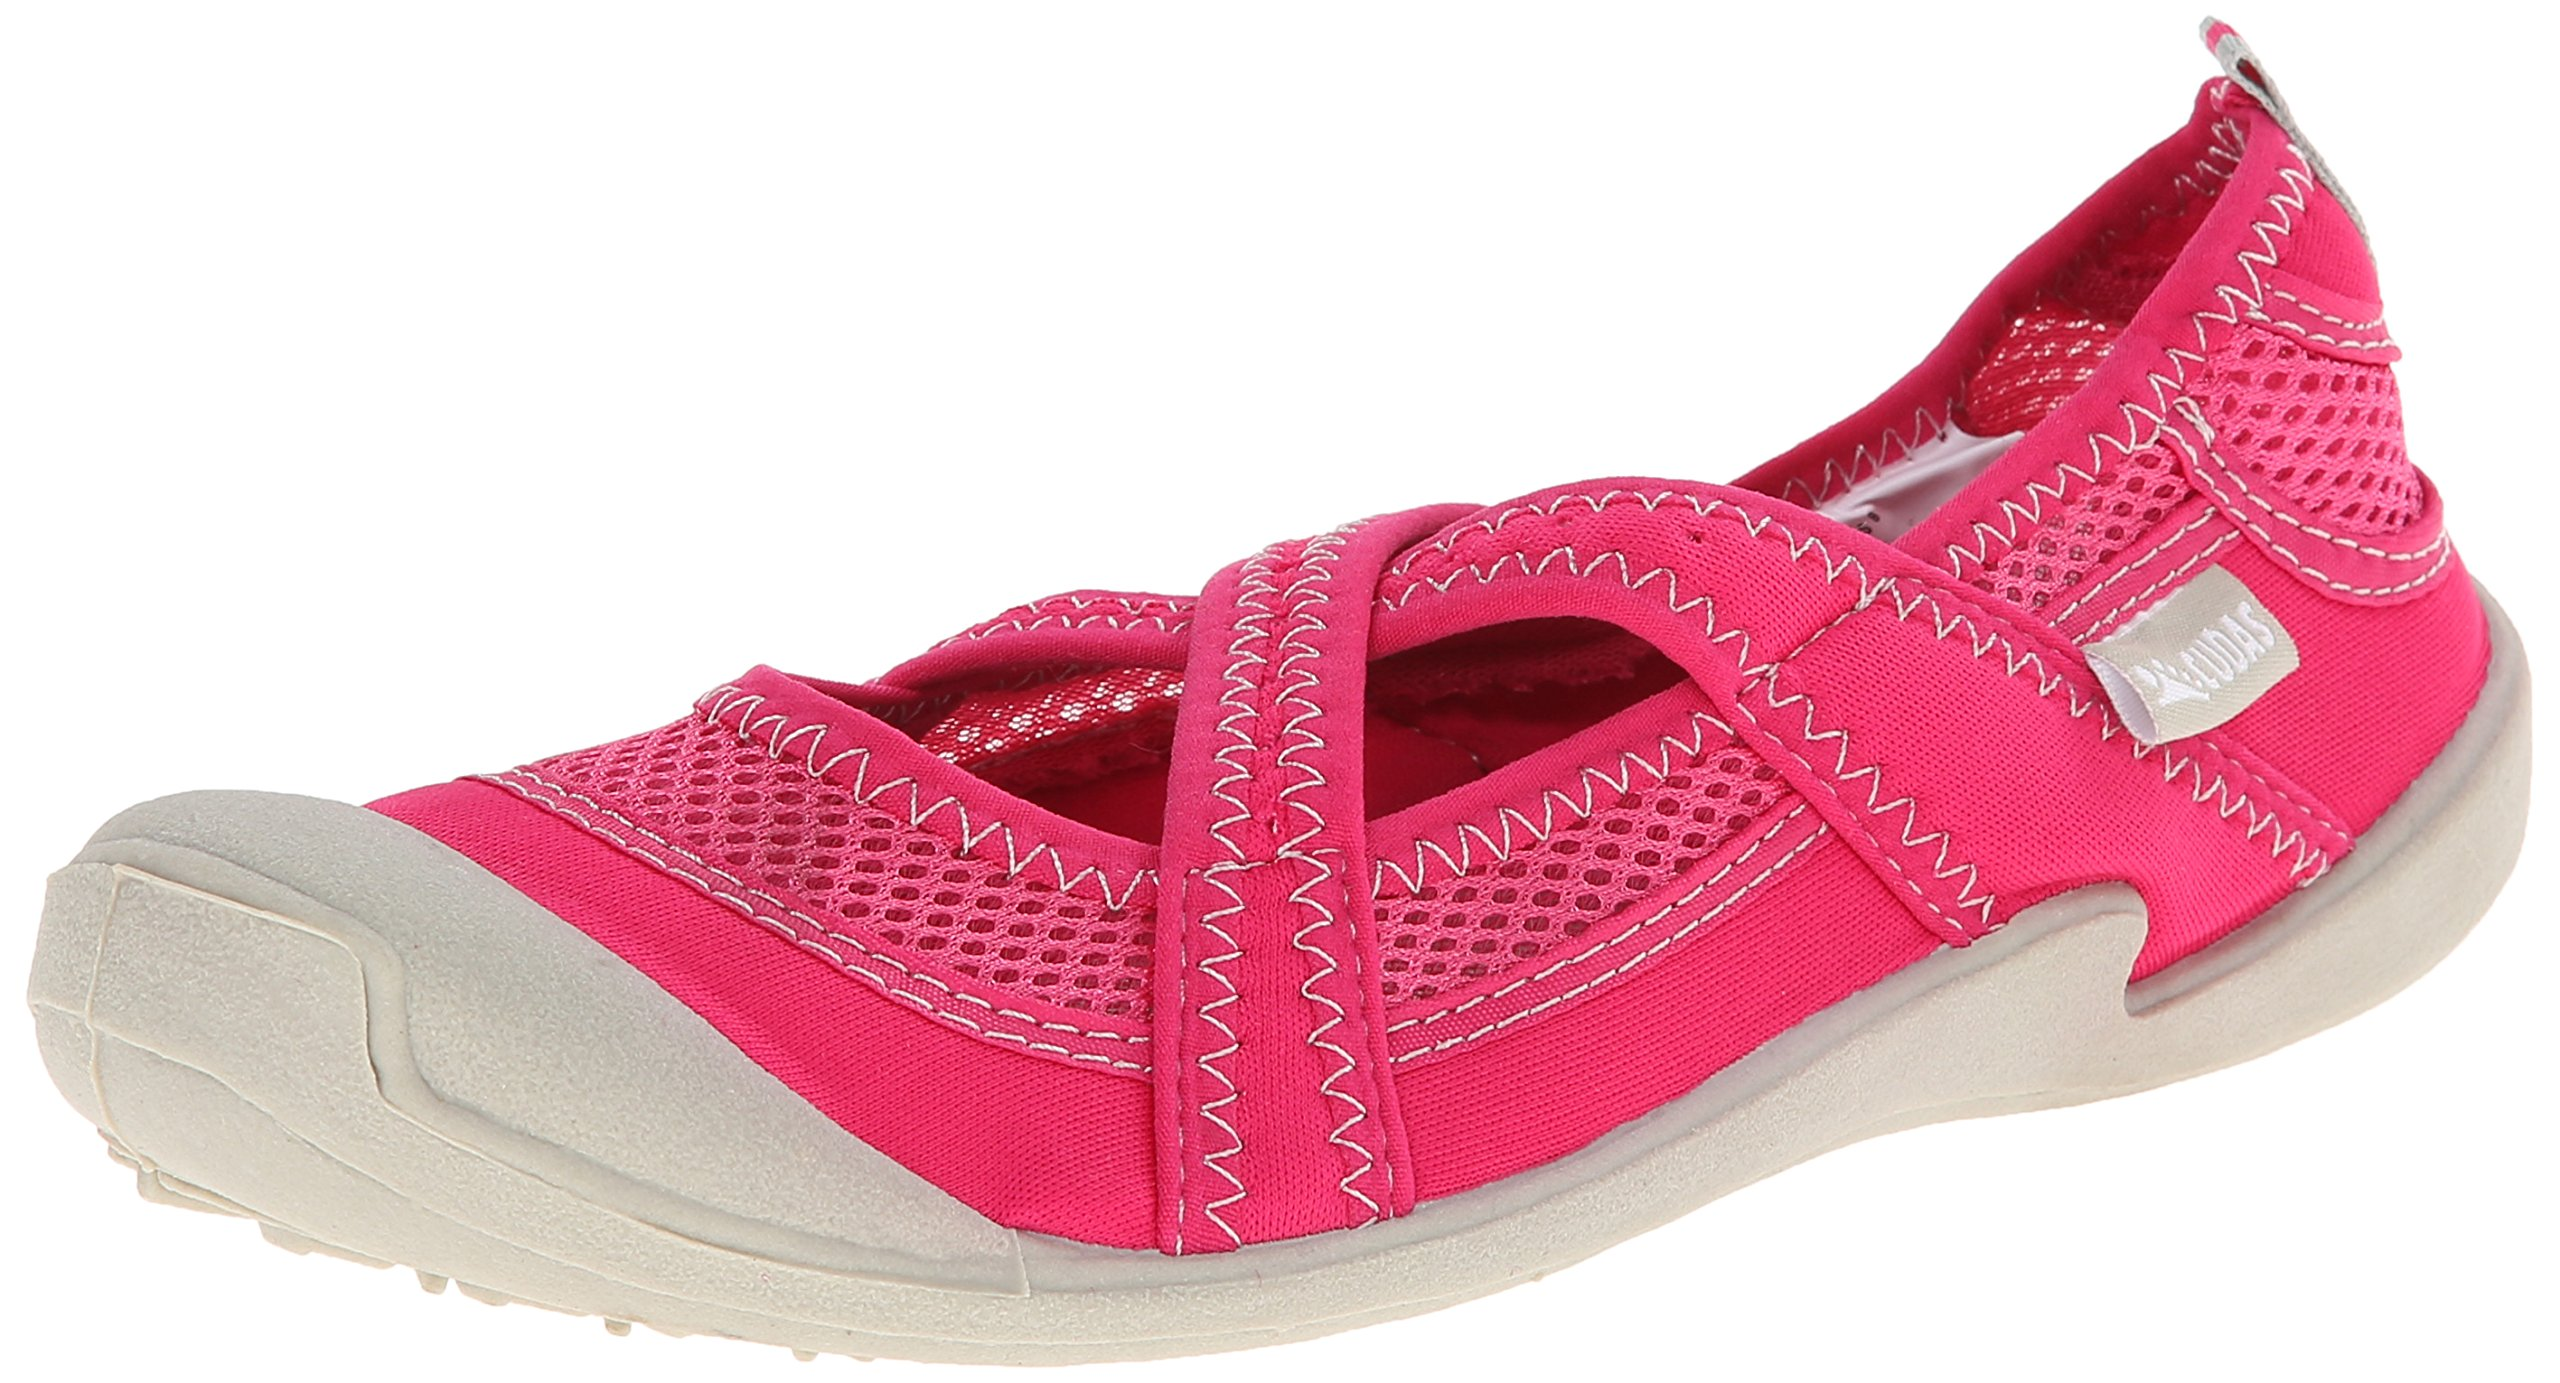 Cudas Women's Shasta Fisherman Sandal, Pink, 9 M US